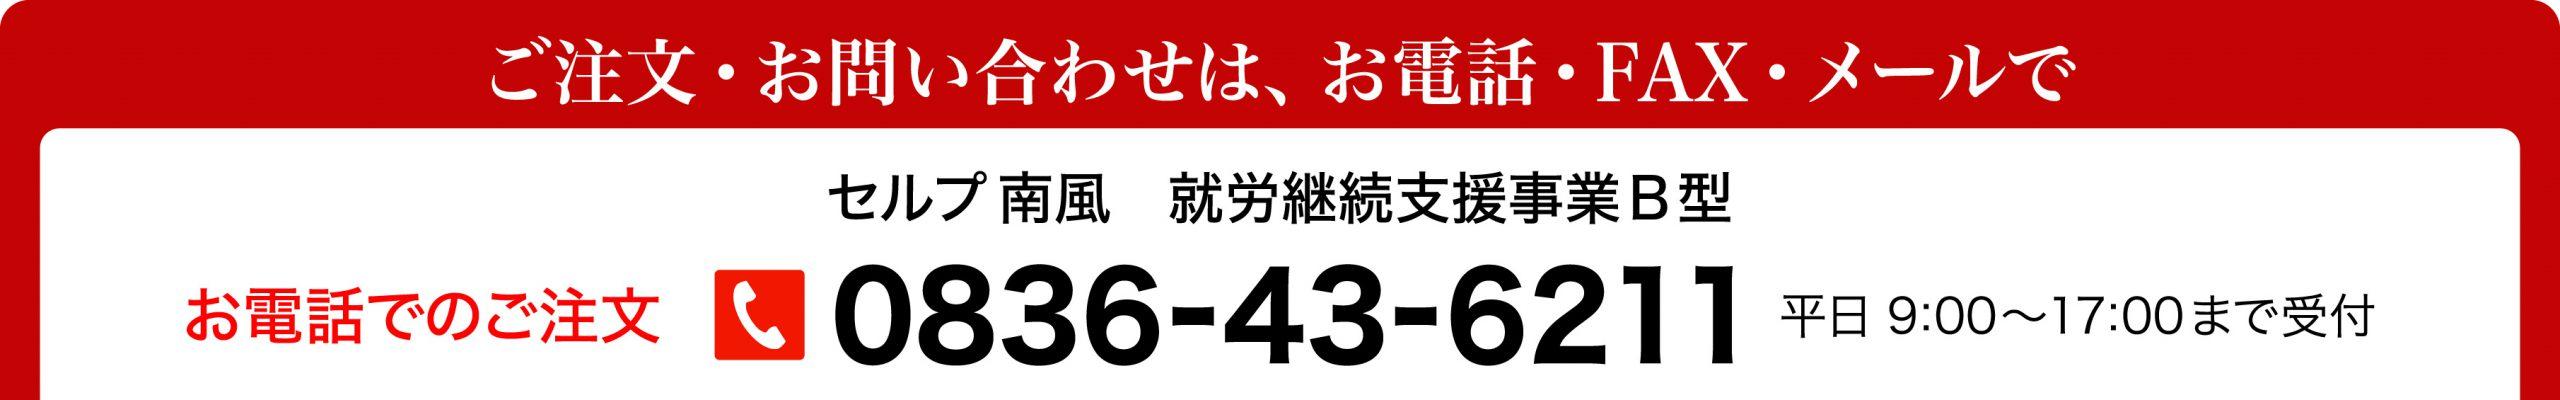 セルプ 南風電話問い合わせ0836-43-6211